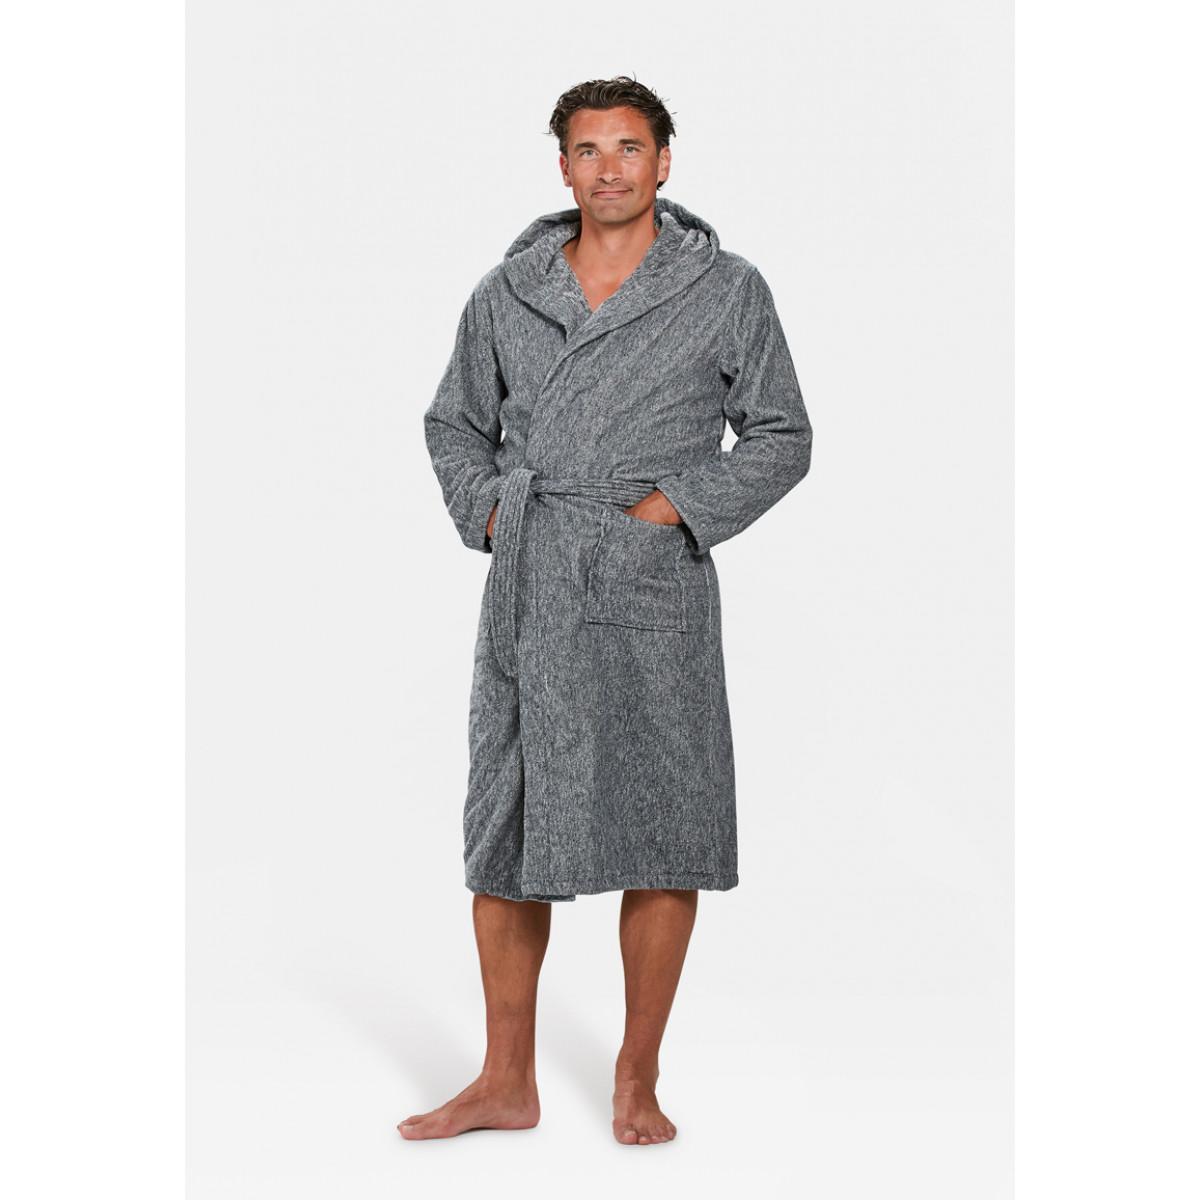 Sauna badjas voor hem & haar